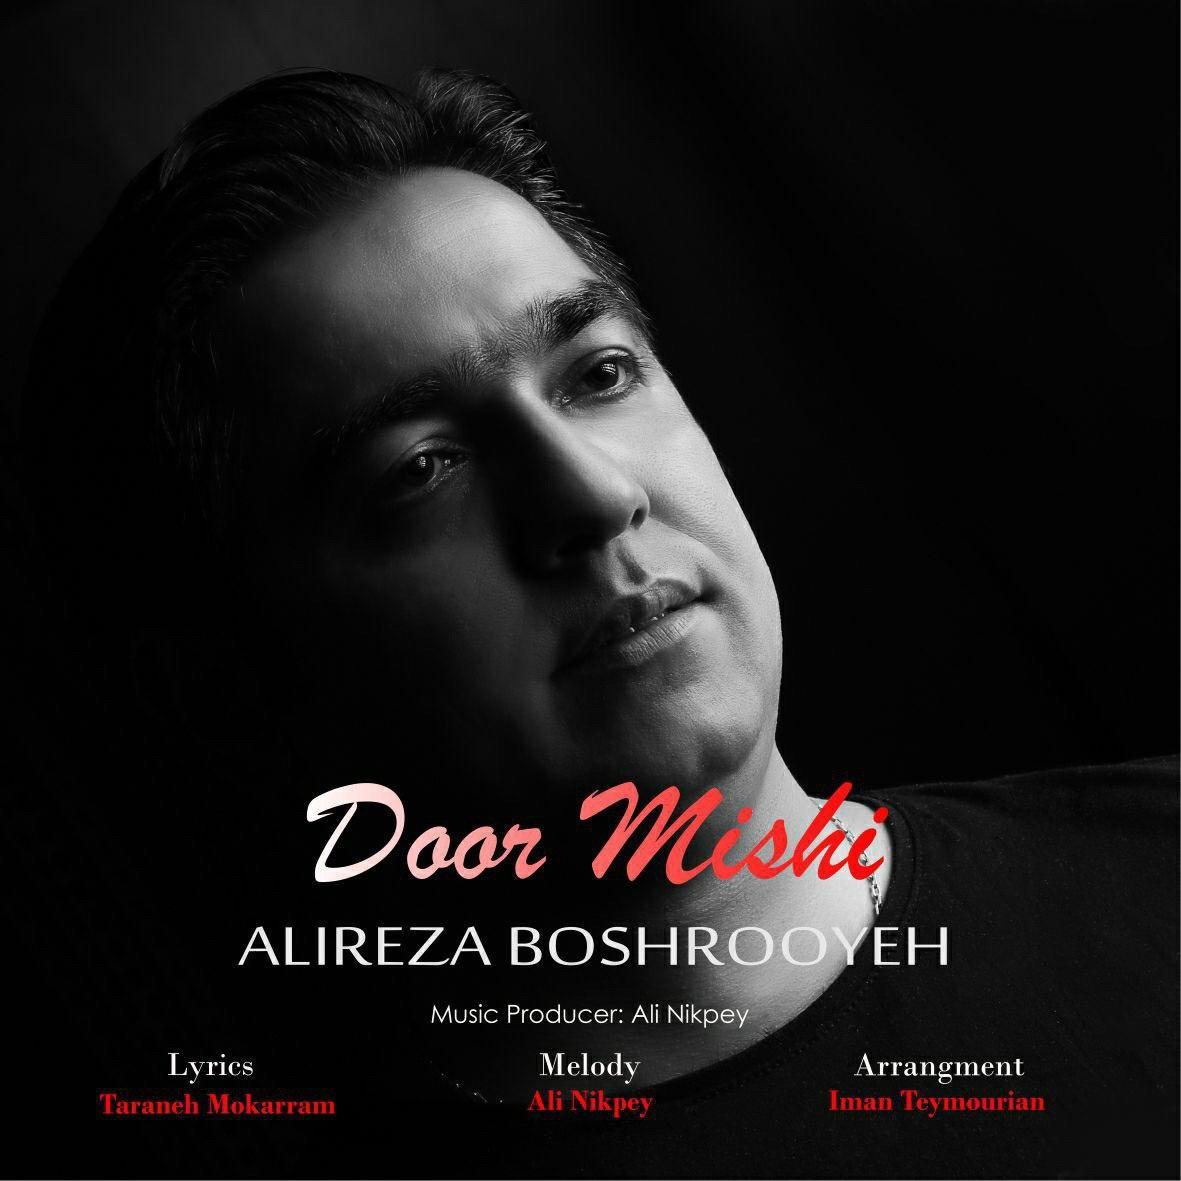 Alireza Boshrooyeh – Door Mishi